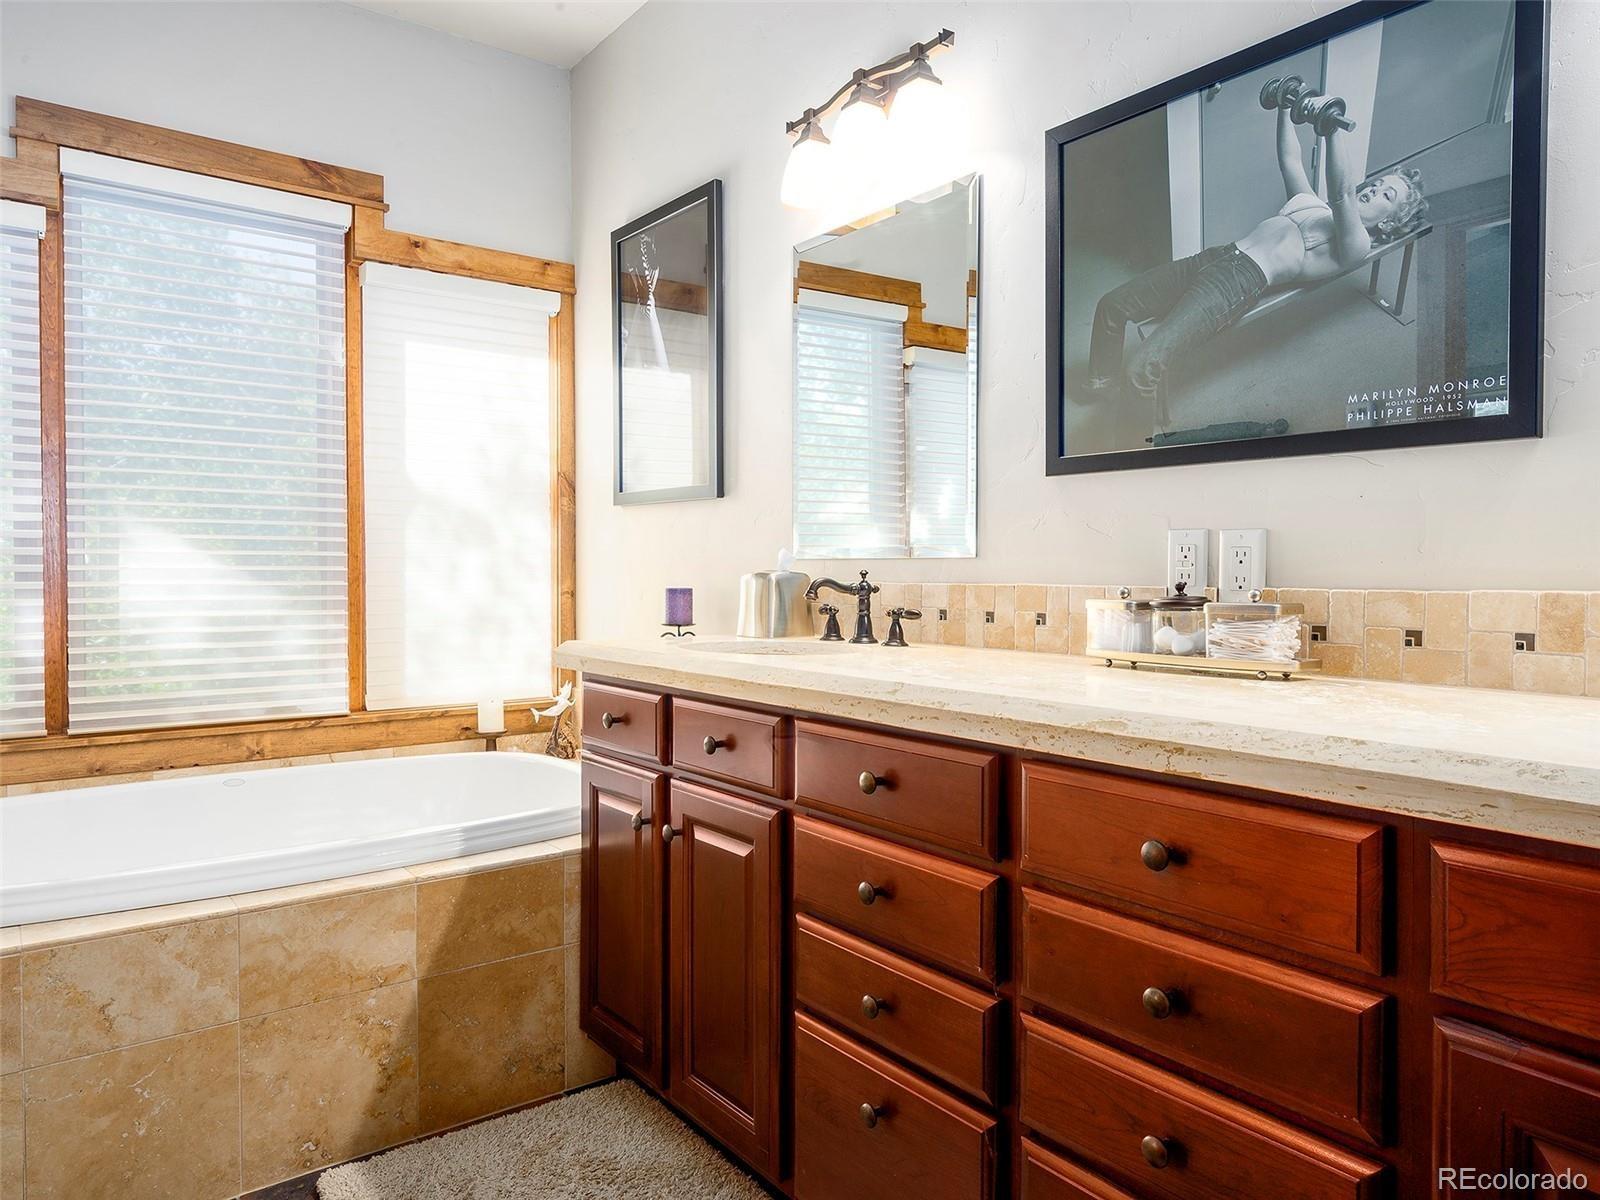 MLS# 5058824 - 9 - 949 Palo Verde Lane, Steamboat Springs, CO 80487